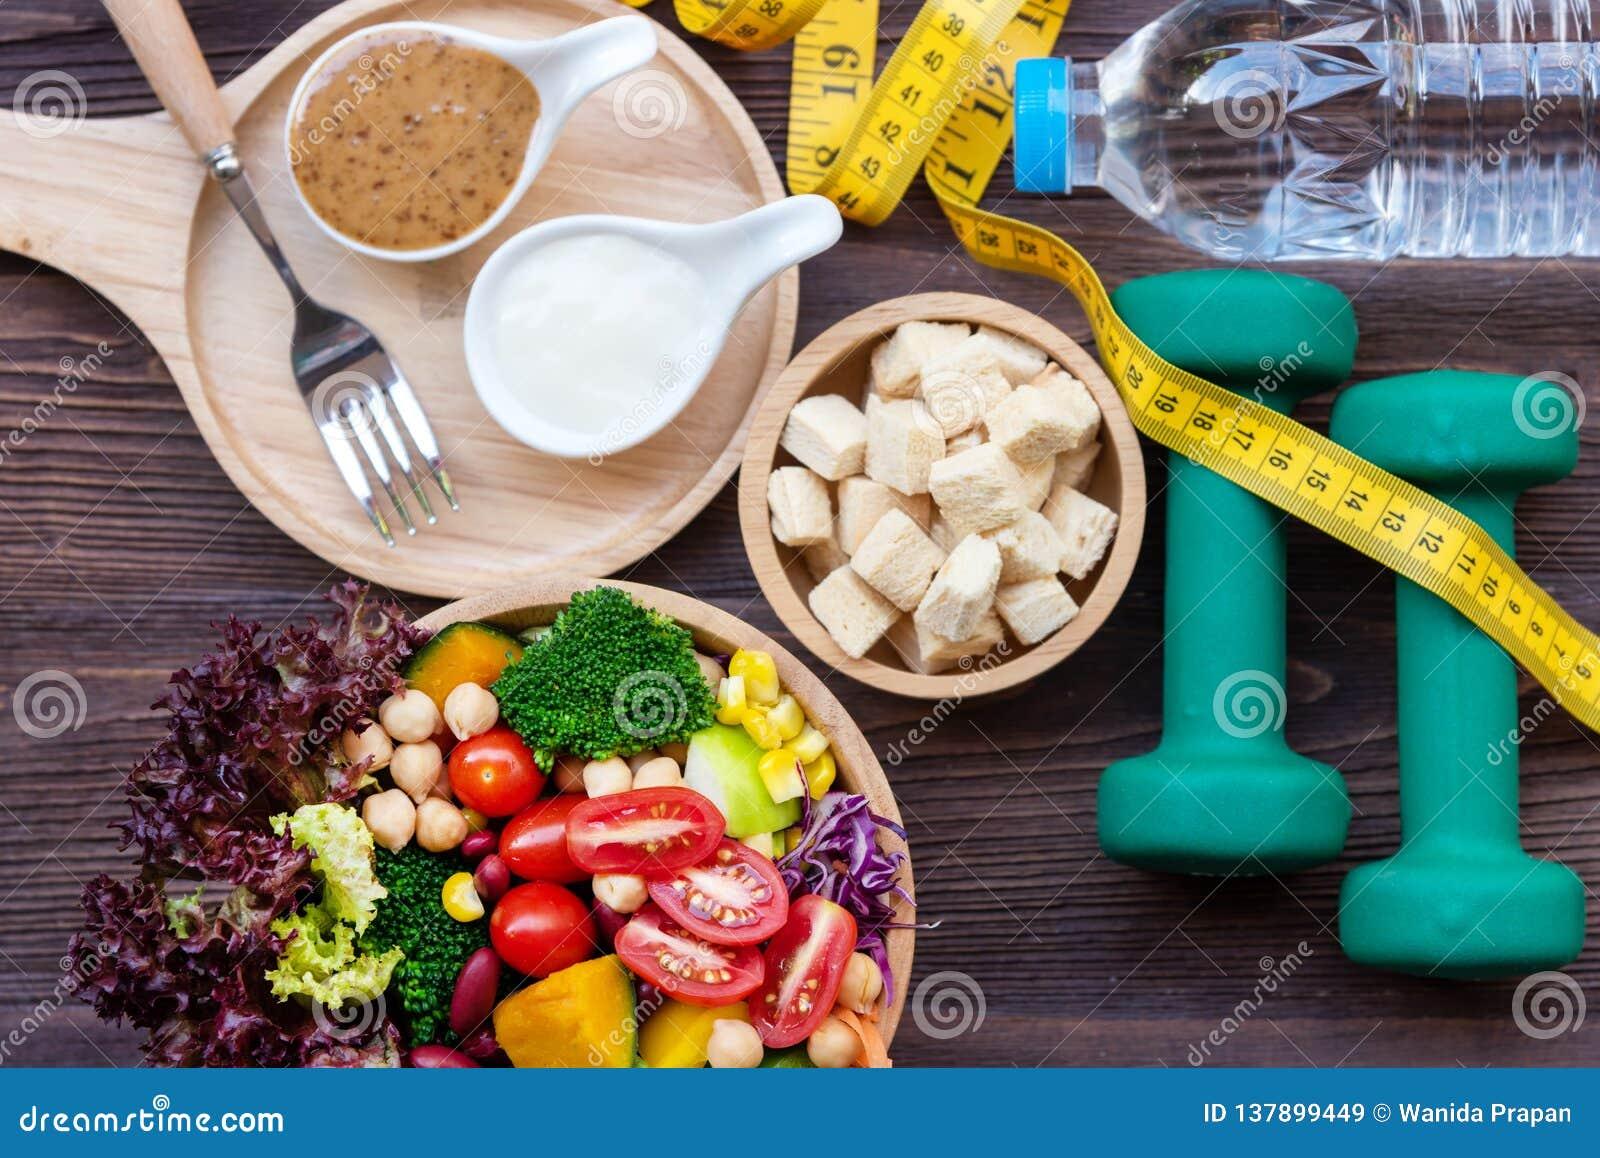 Frischgemüsesalat und gesunde Nahrung für Sportausrüstung für Frauen nähren das Abnehmen mit Maßhahn für Gewichtsverlust auf hölz